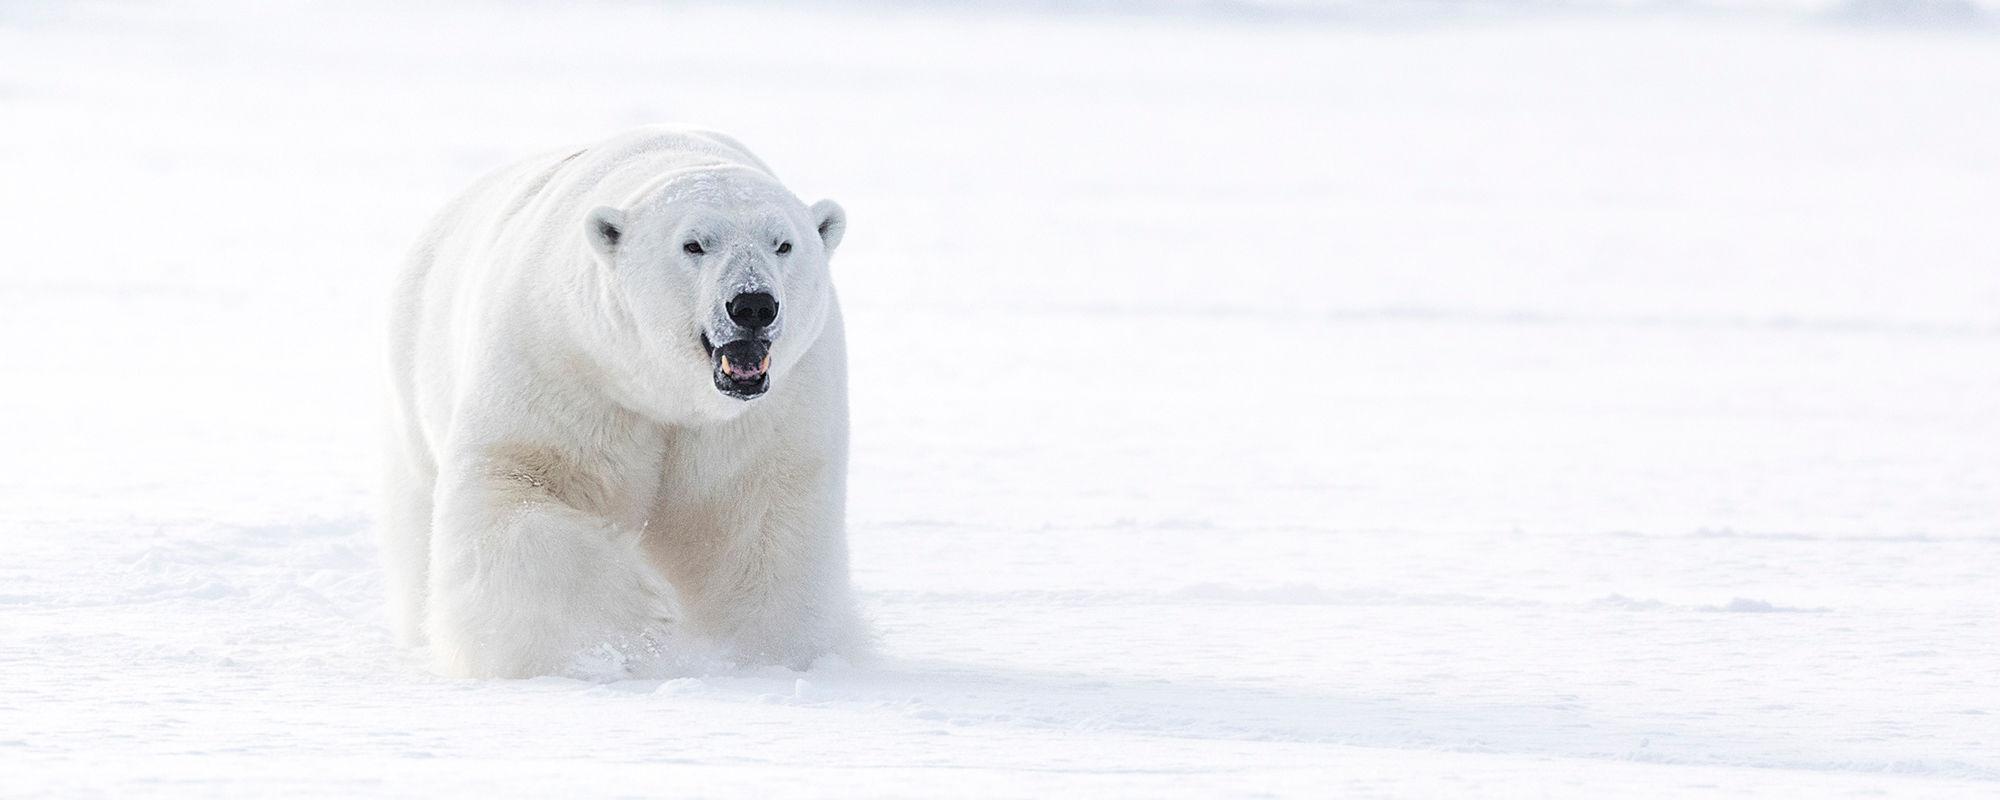 Polarbear at the East Coast on Svalbard